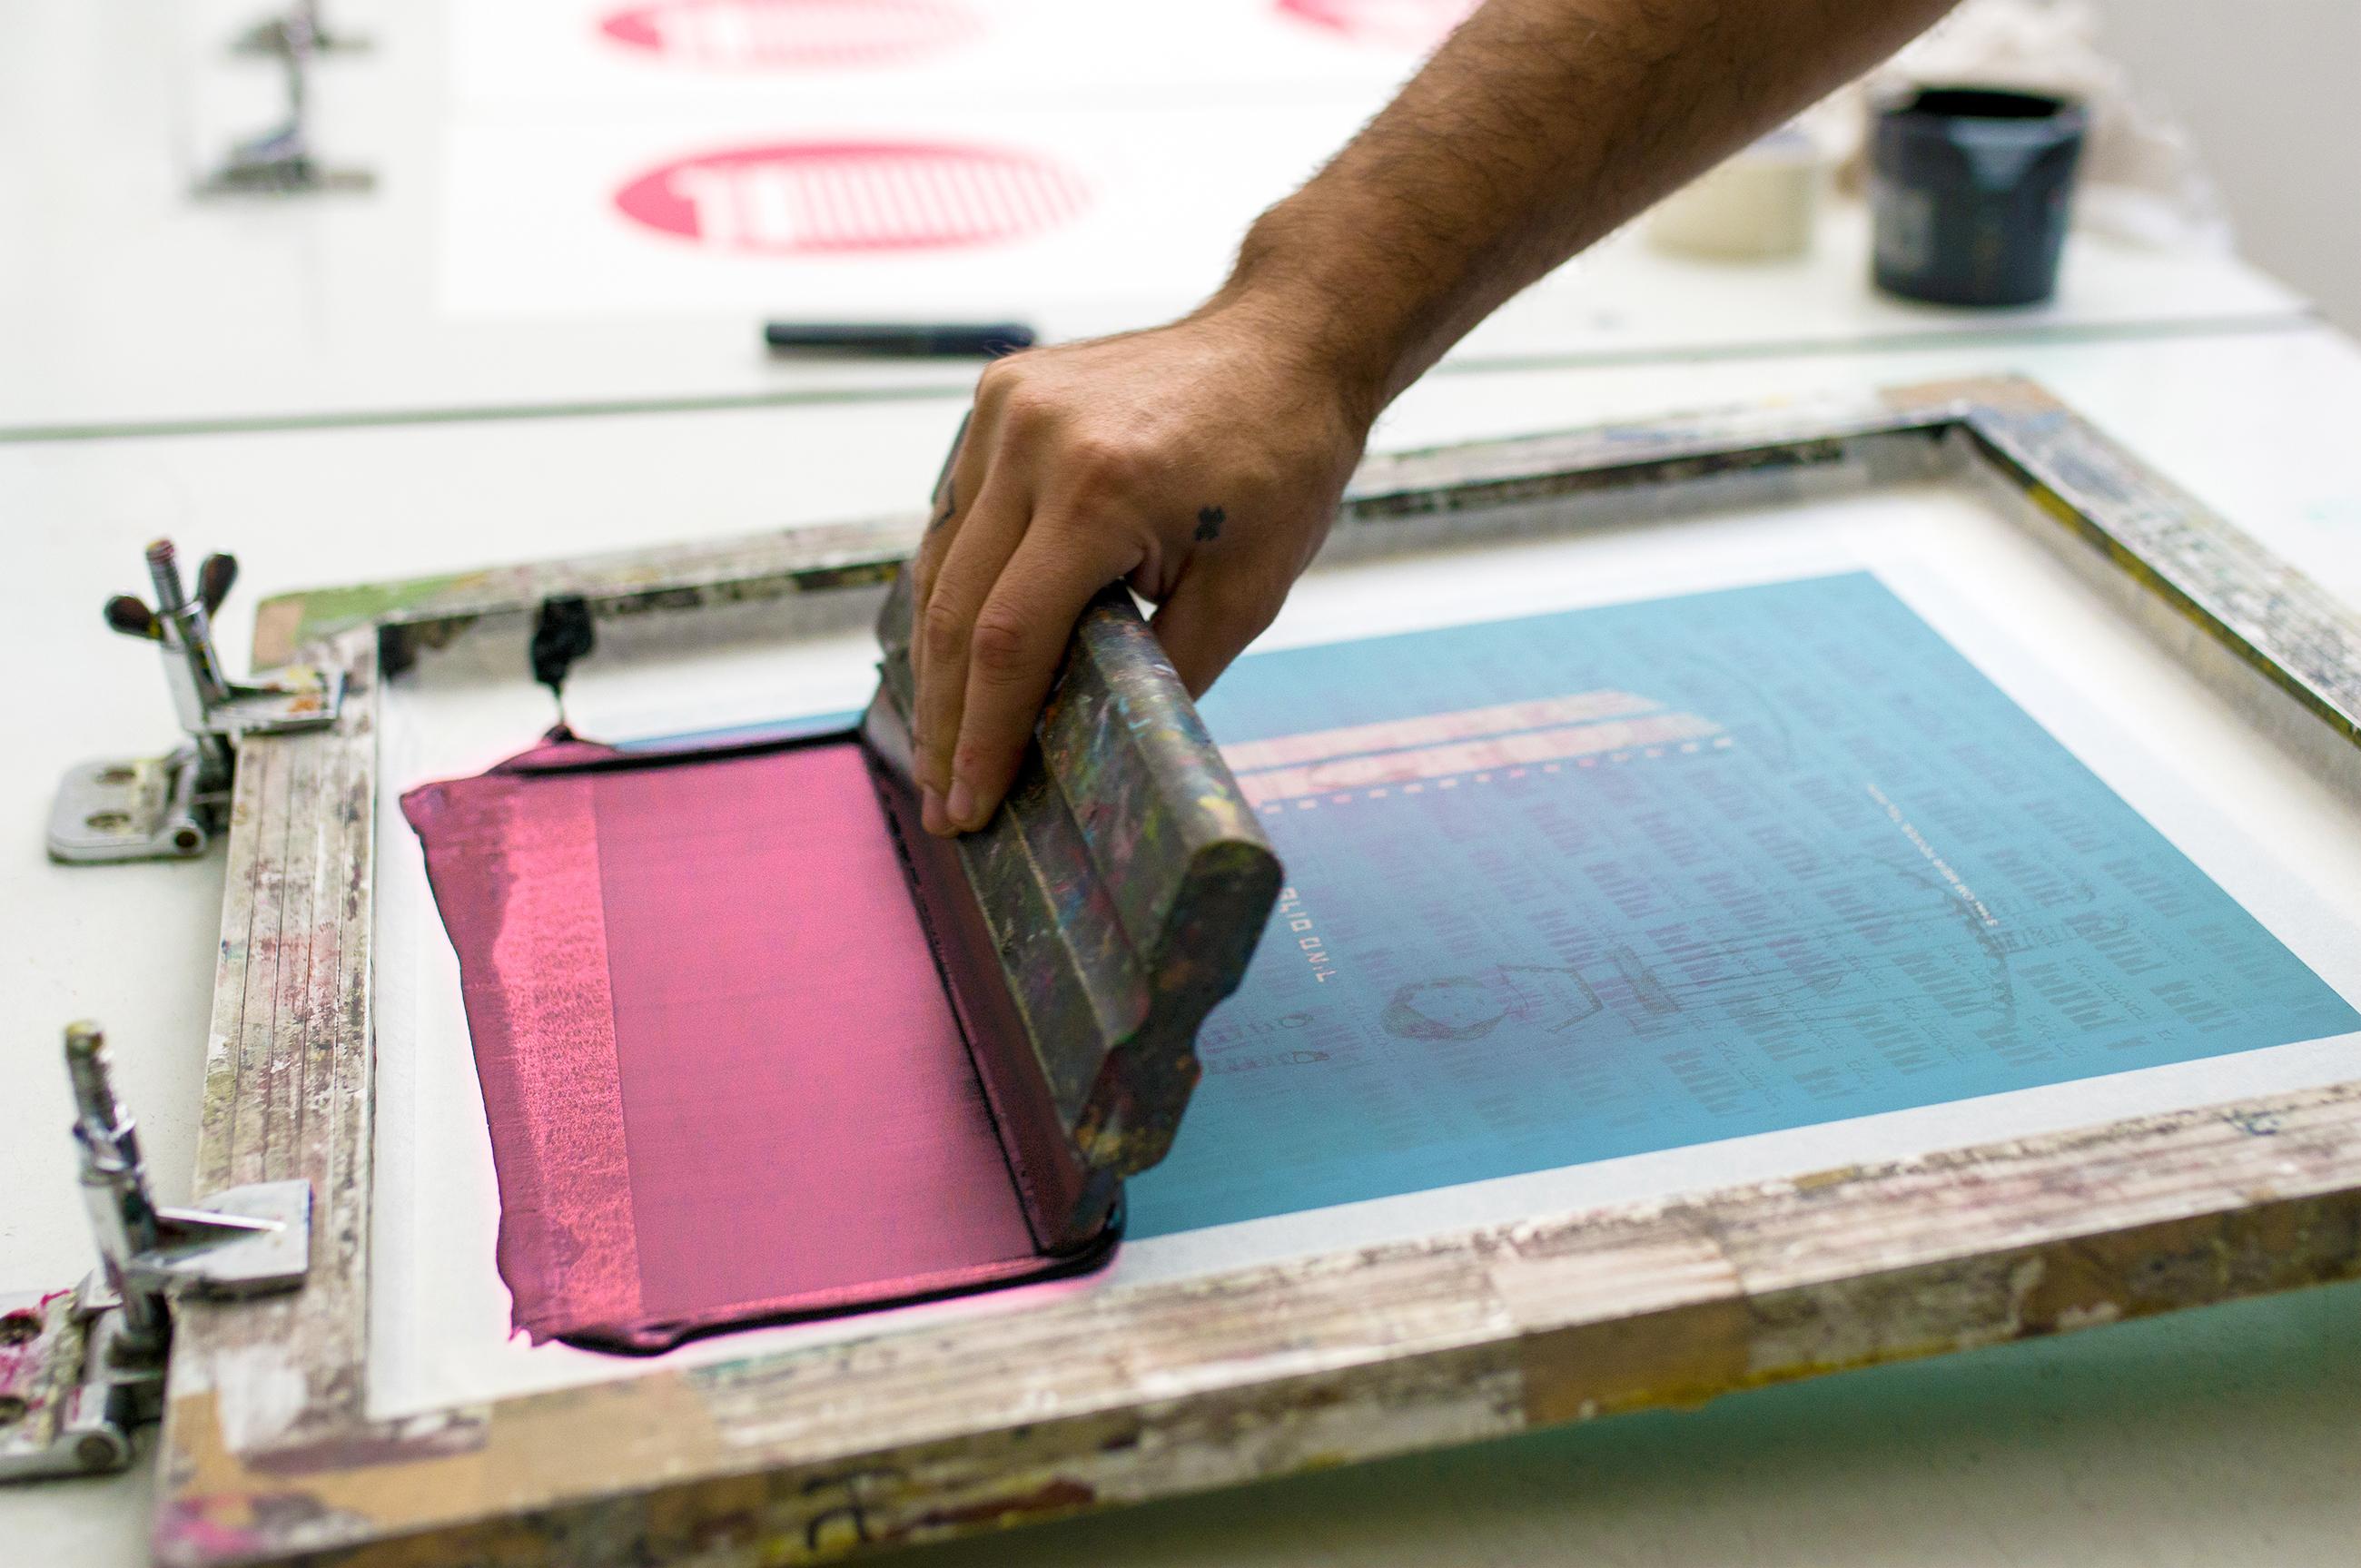 דפוס רשת, דפוס משי, הדפסות נייר, Fin